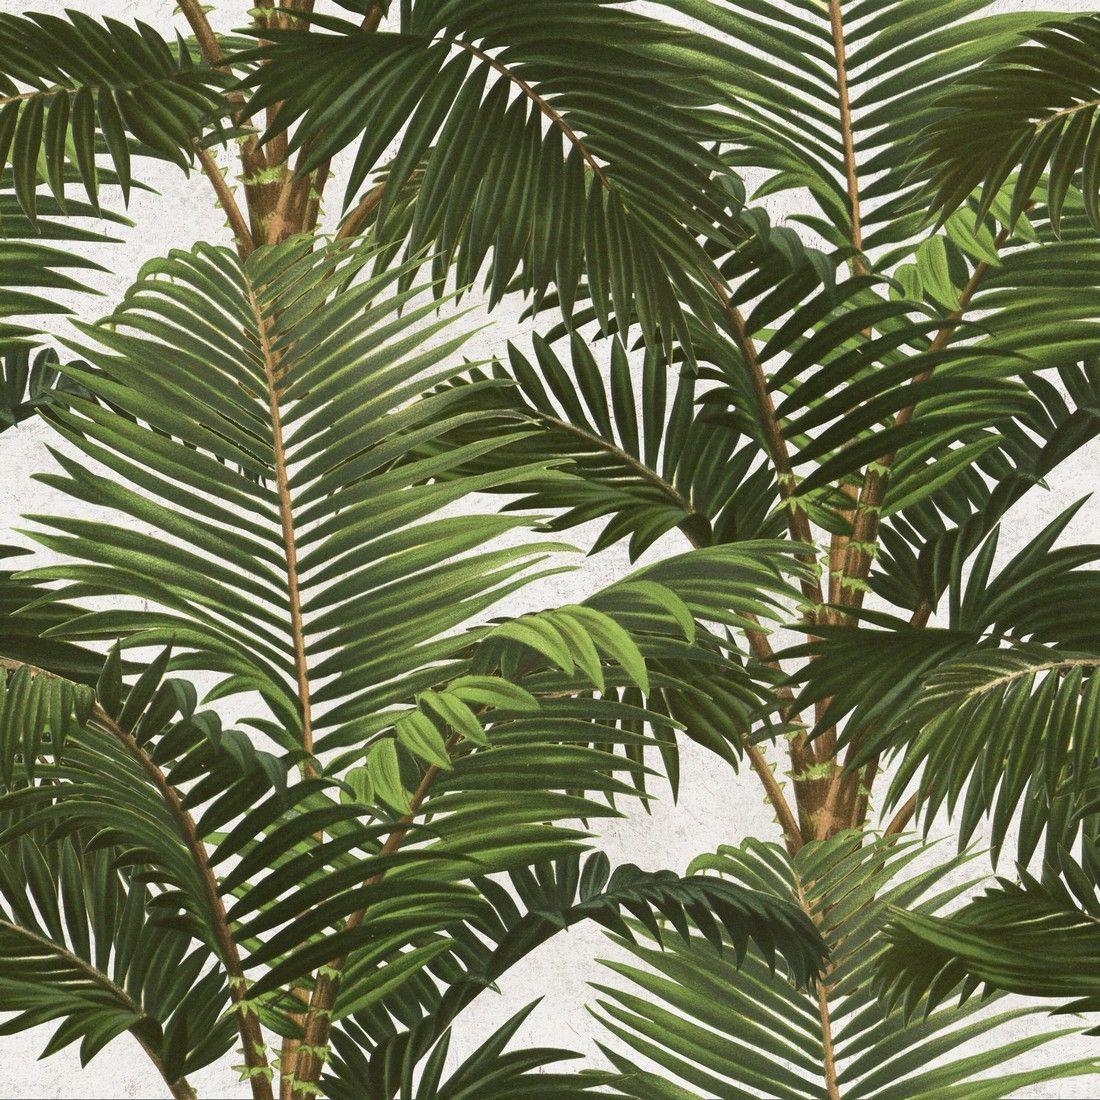 Papel pintado palmas jardin tropical wp20104 mind the gap - Papel pintado tropical ...